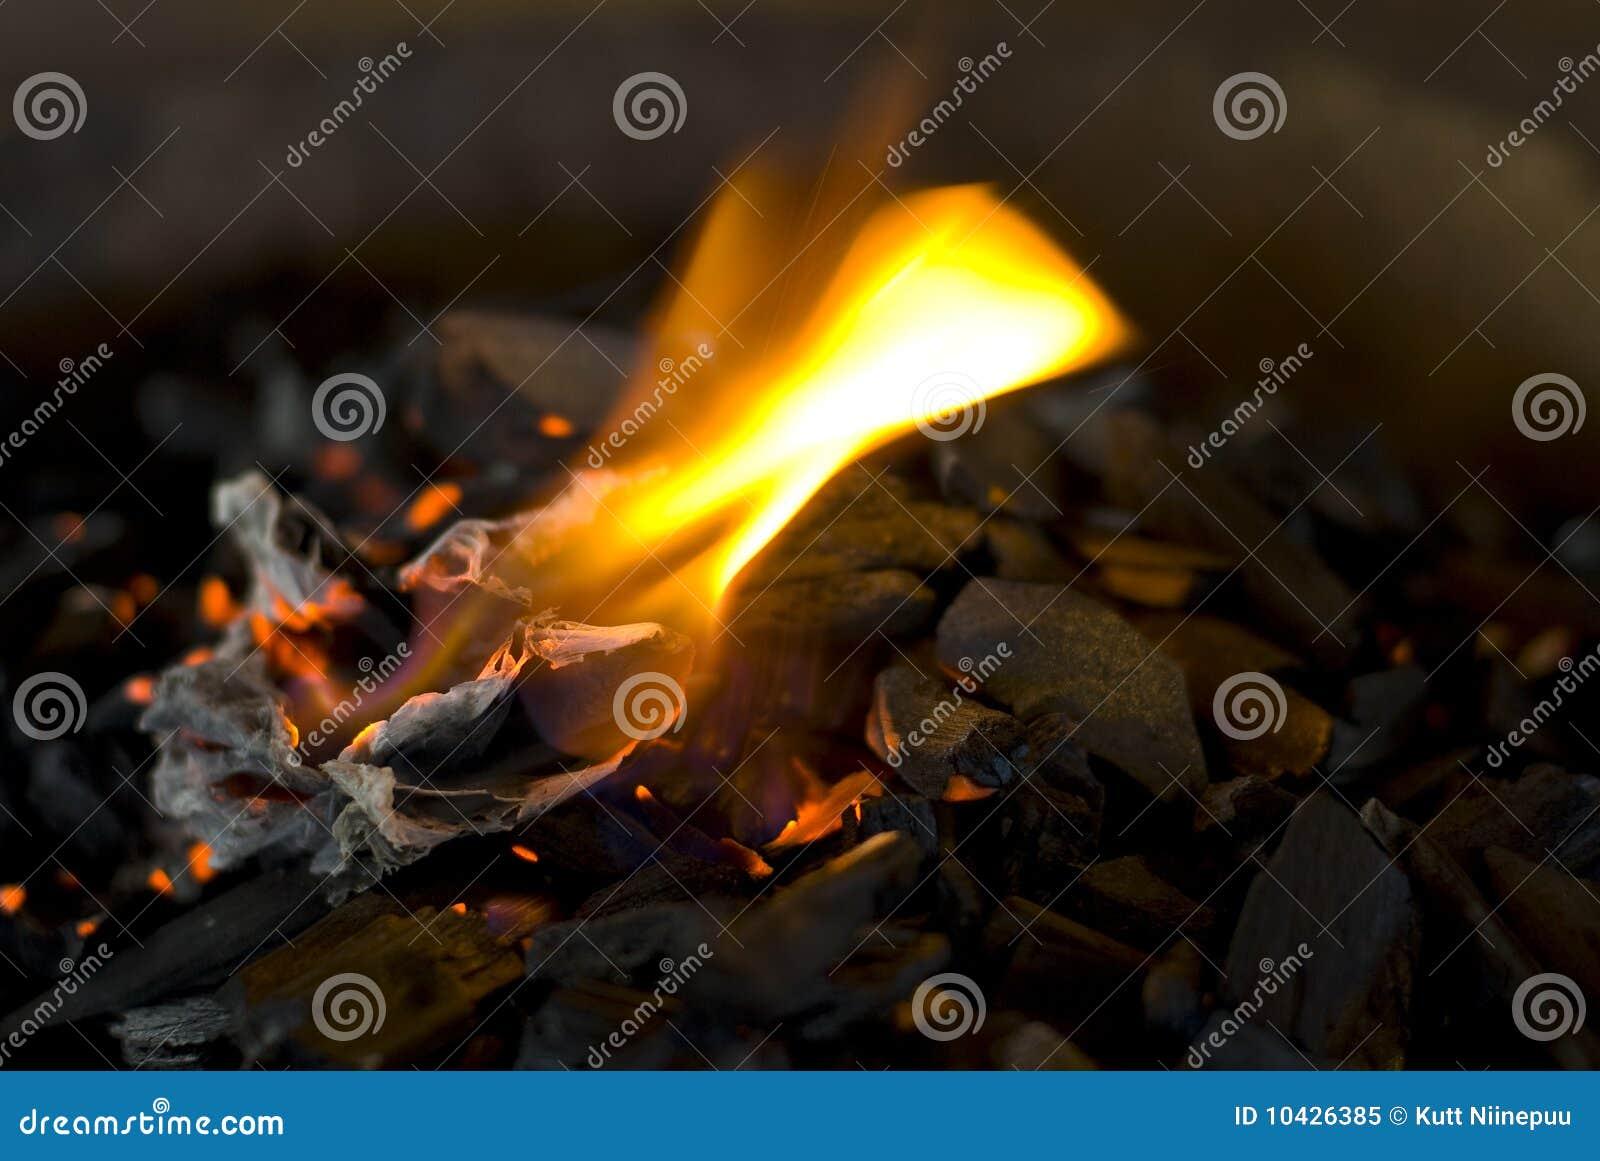 Carvões quentes com flama